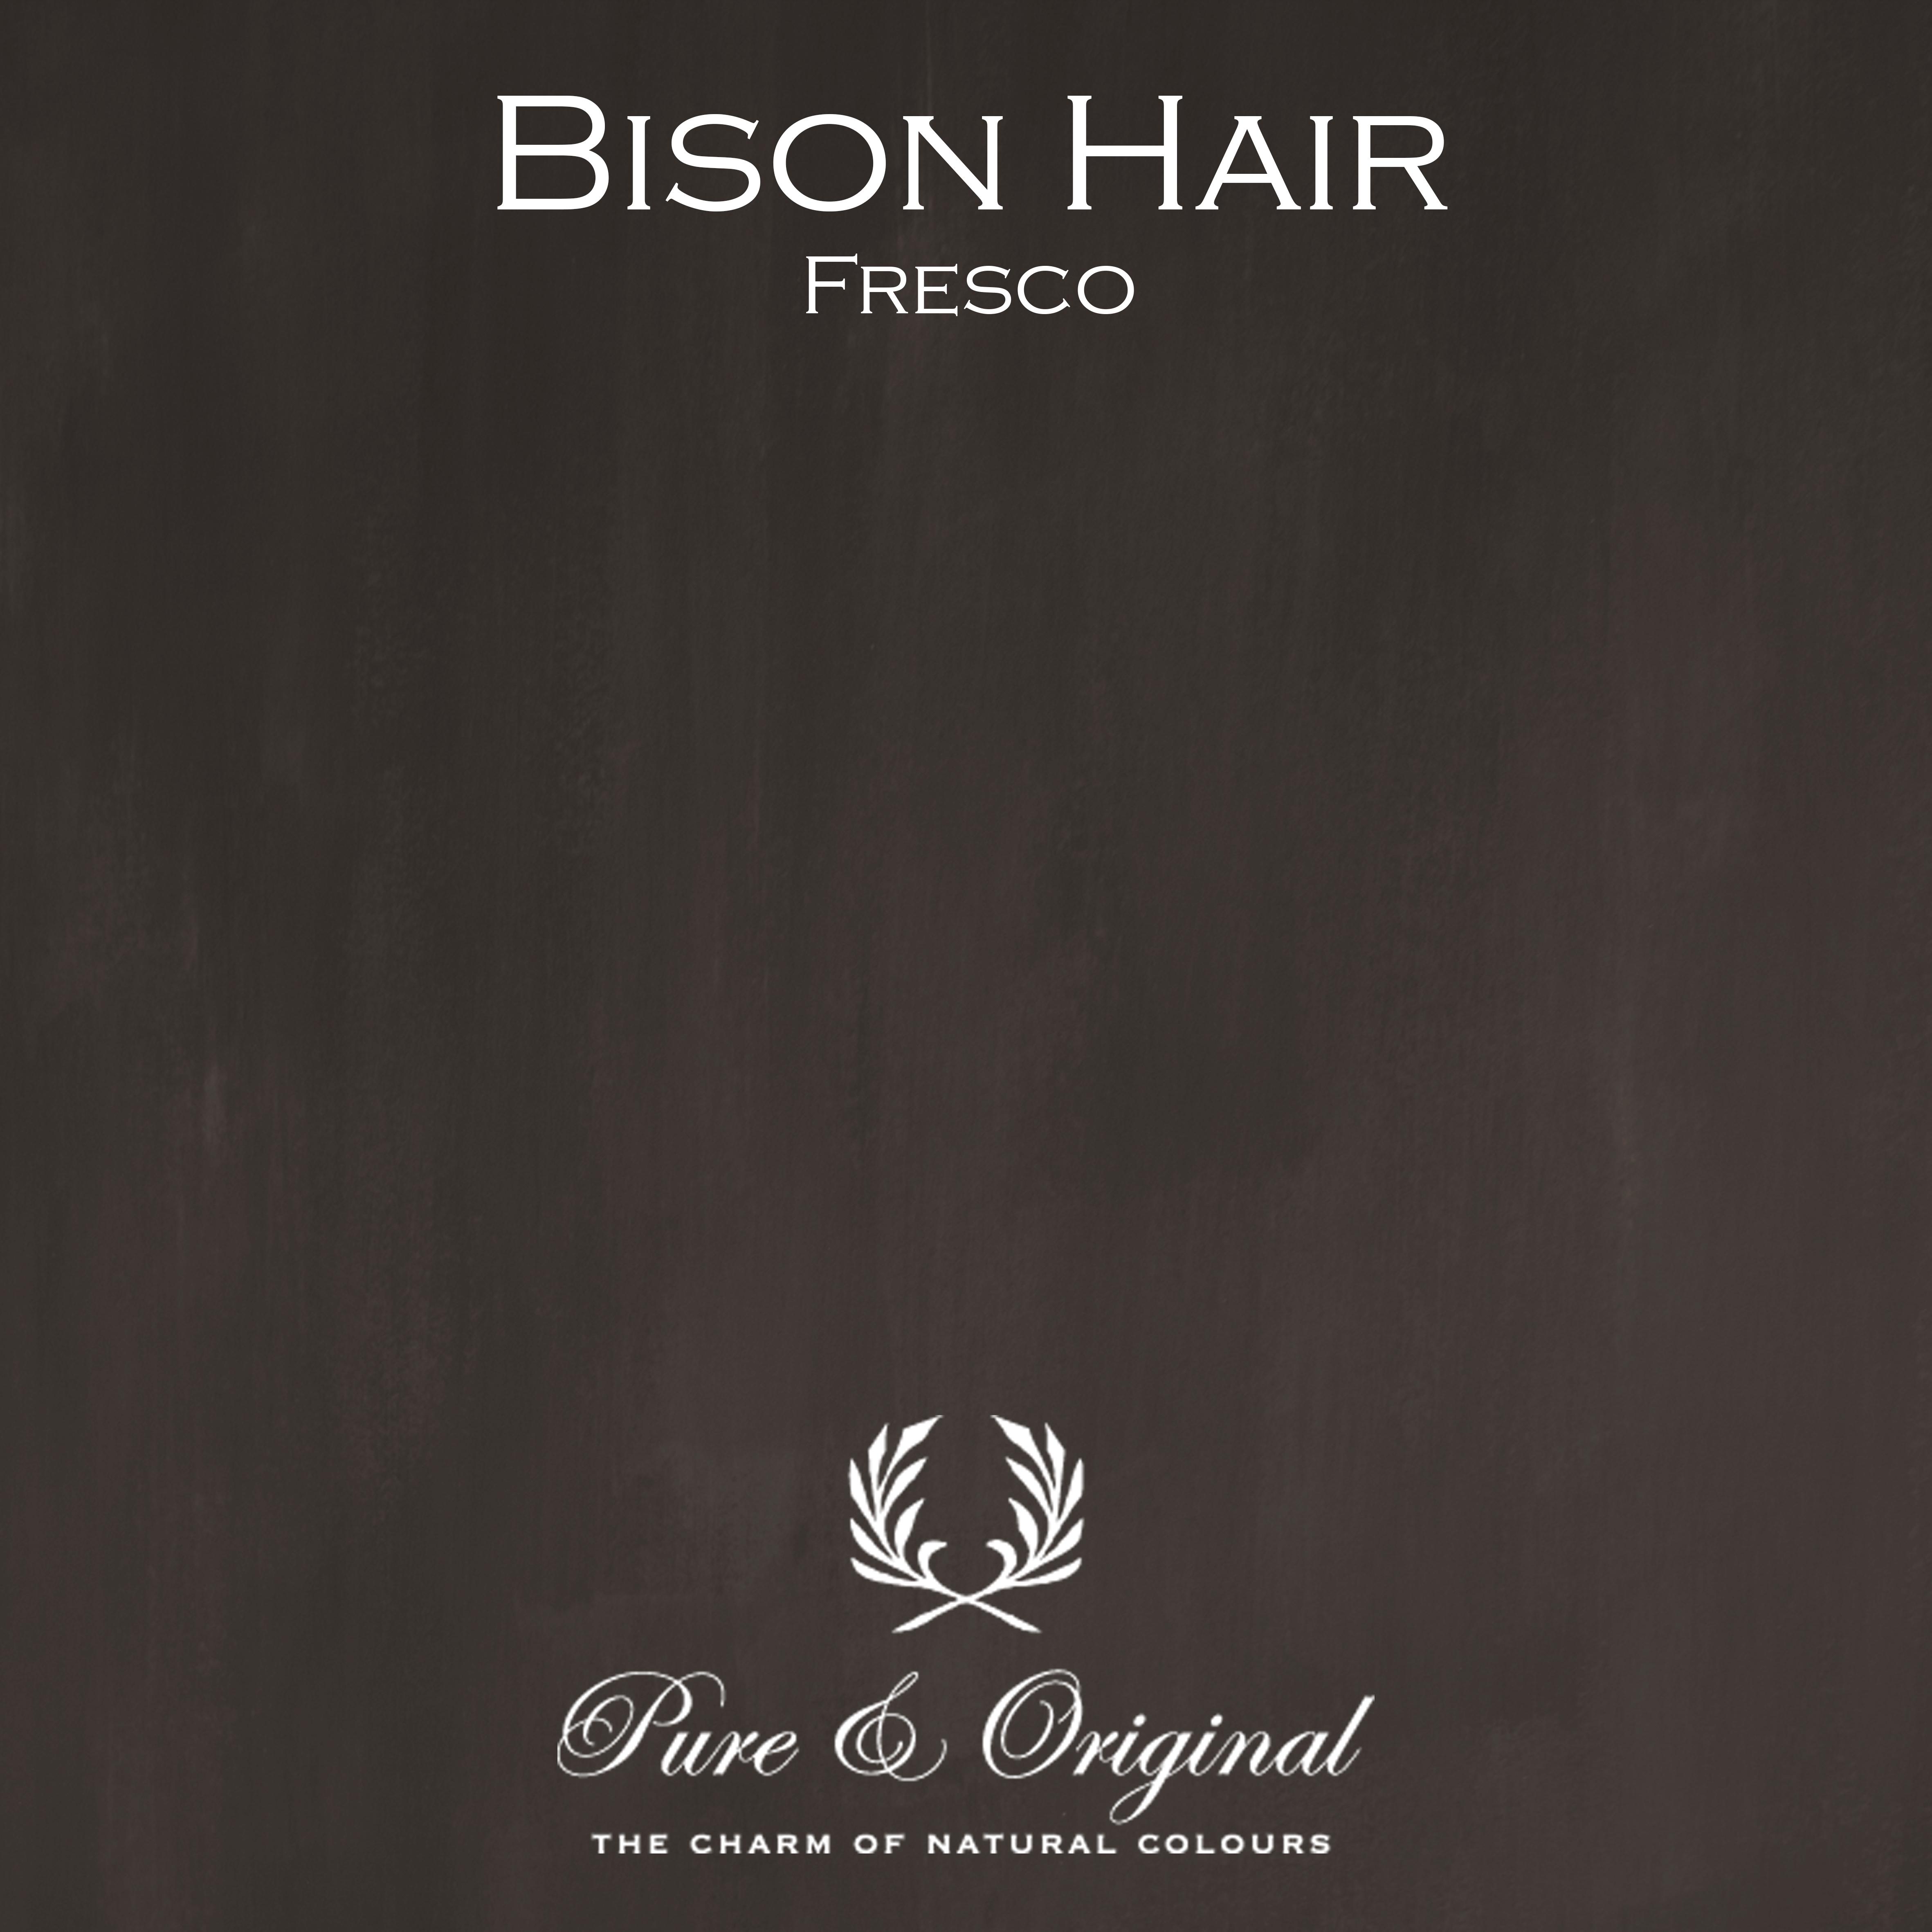 Kulör Bison Hair, Fresco kalkfärg